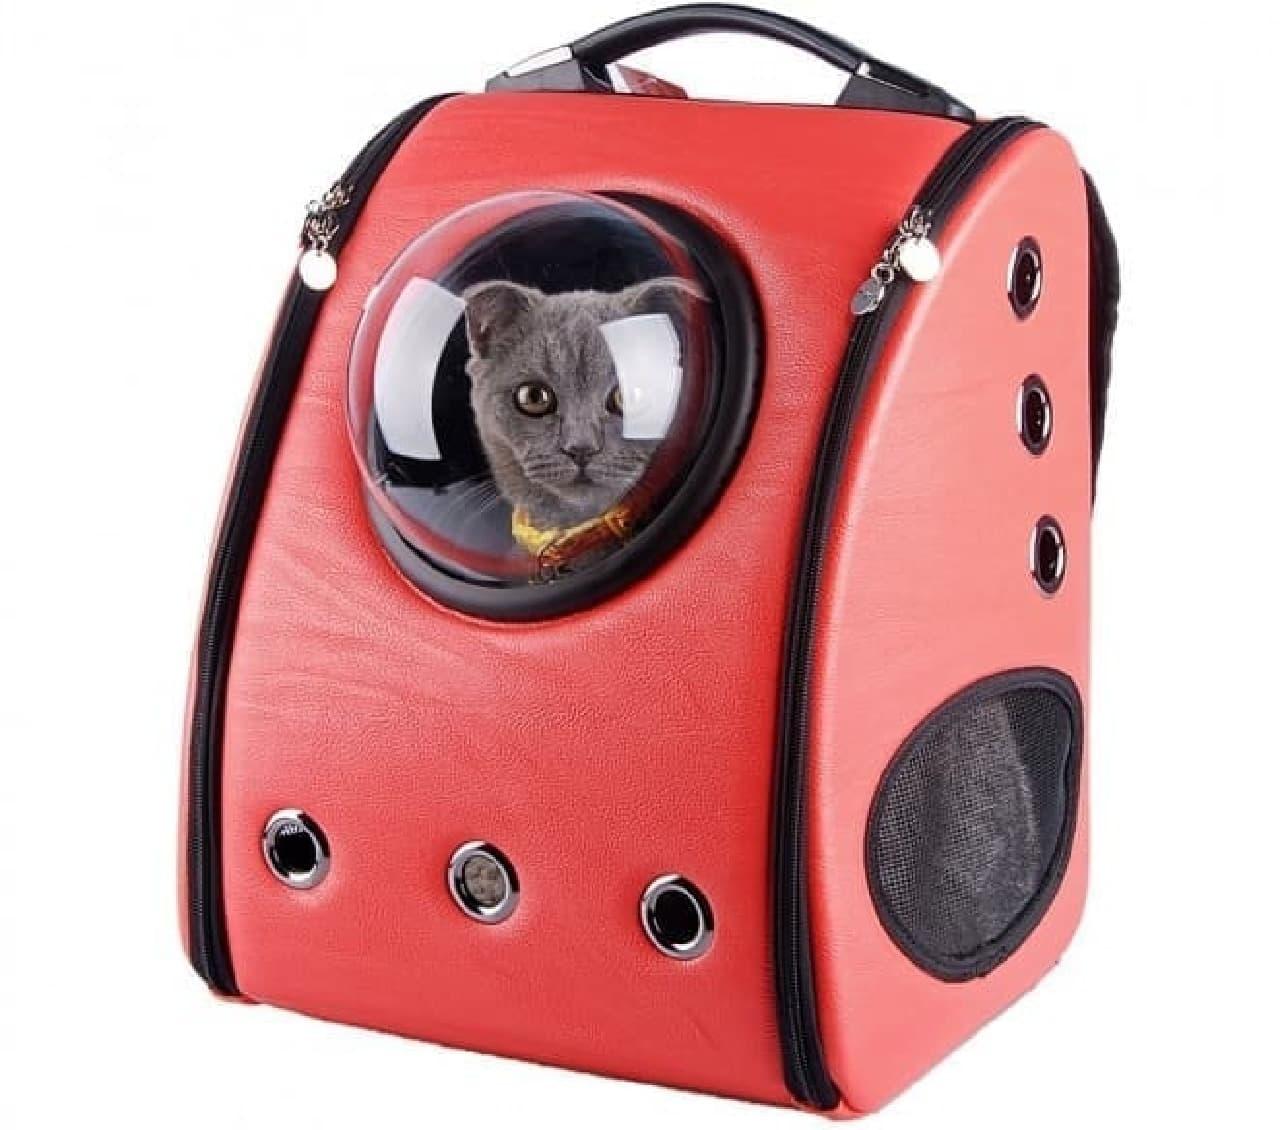 宇宙船型ペットキャリー「スペースポッド」